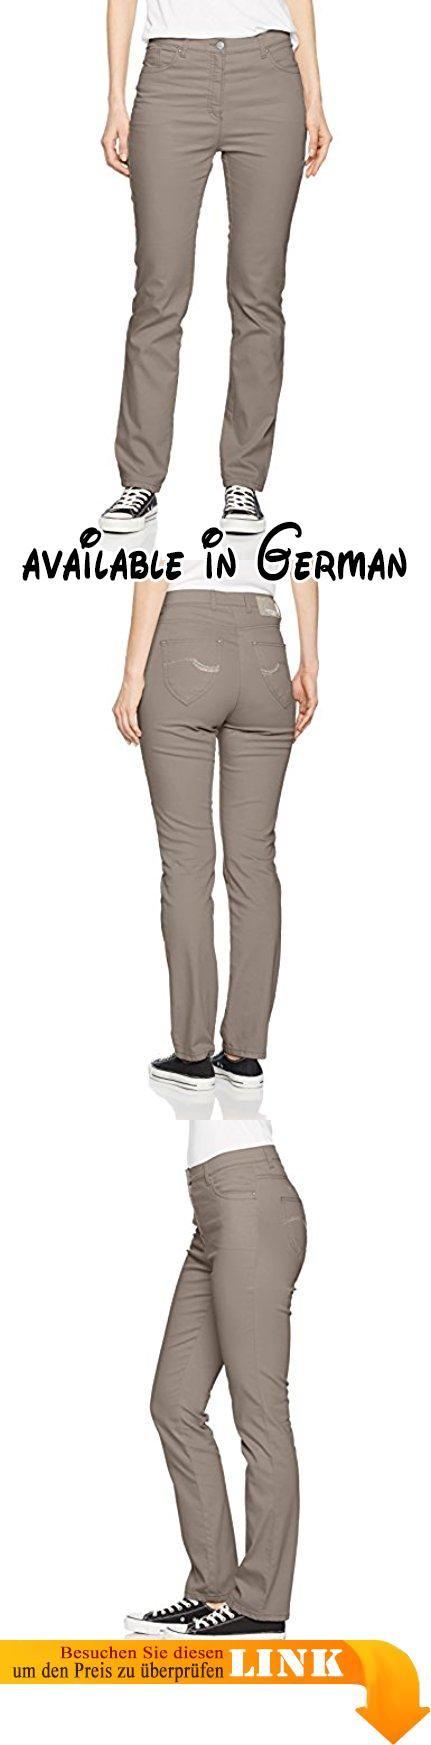 Raphaela by Brax Damen Skinny Jeans Ina Fame (Super Slim), Beige (Taupe 53), W40/L30 (Herstellergröße: 50K). Super Dynamic: Superschlanke Five-Pocket-Jeans in hochelastischer Qualität. Super Dynamic, extrem hohe Elastizität, Haut und Tragefreundlich, besonders gute Rücksprungswerte #Apparel #PANTS